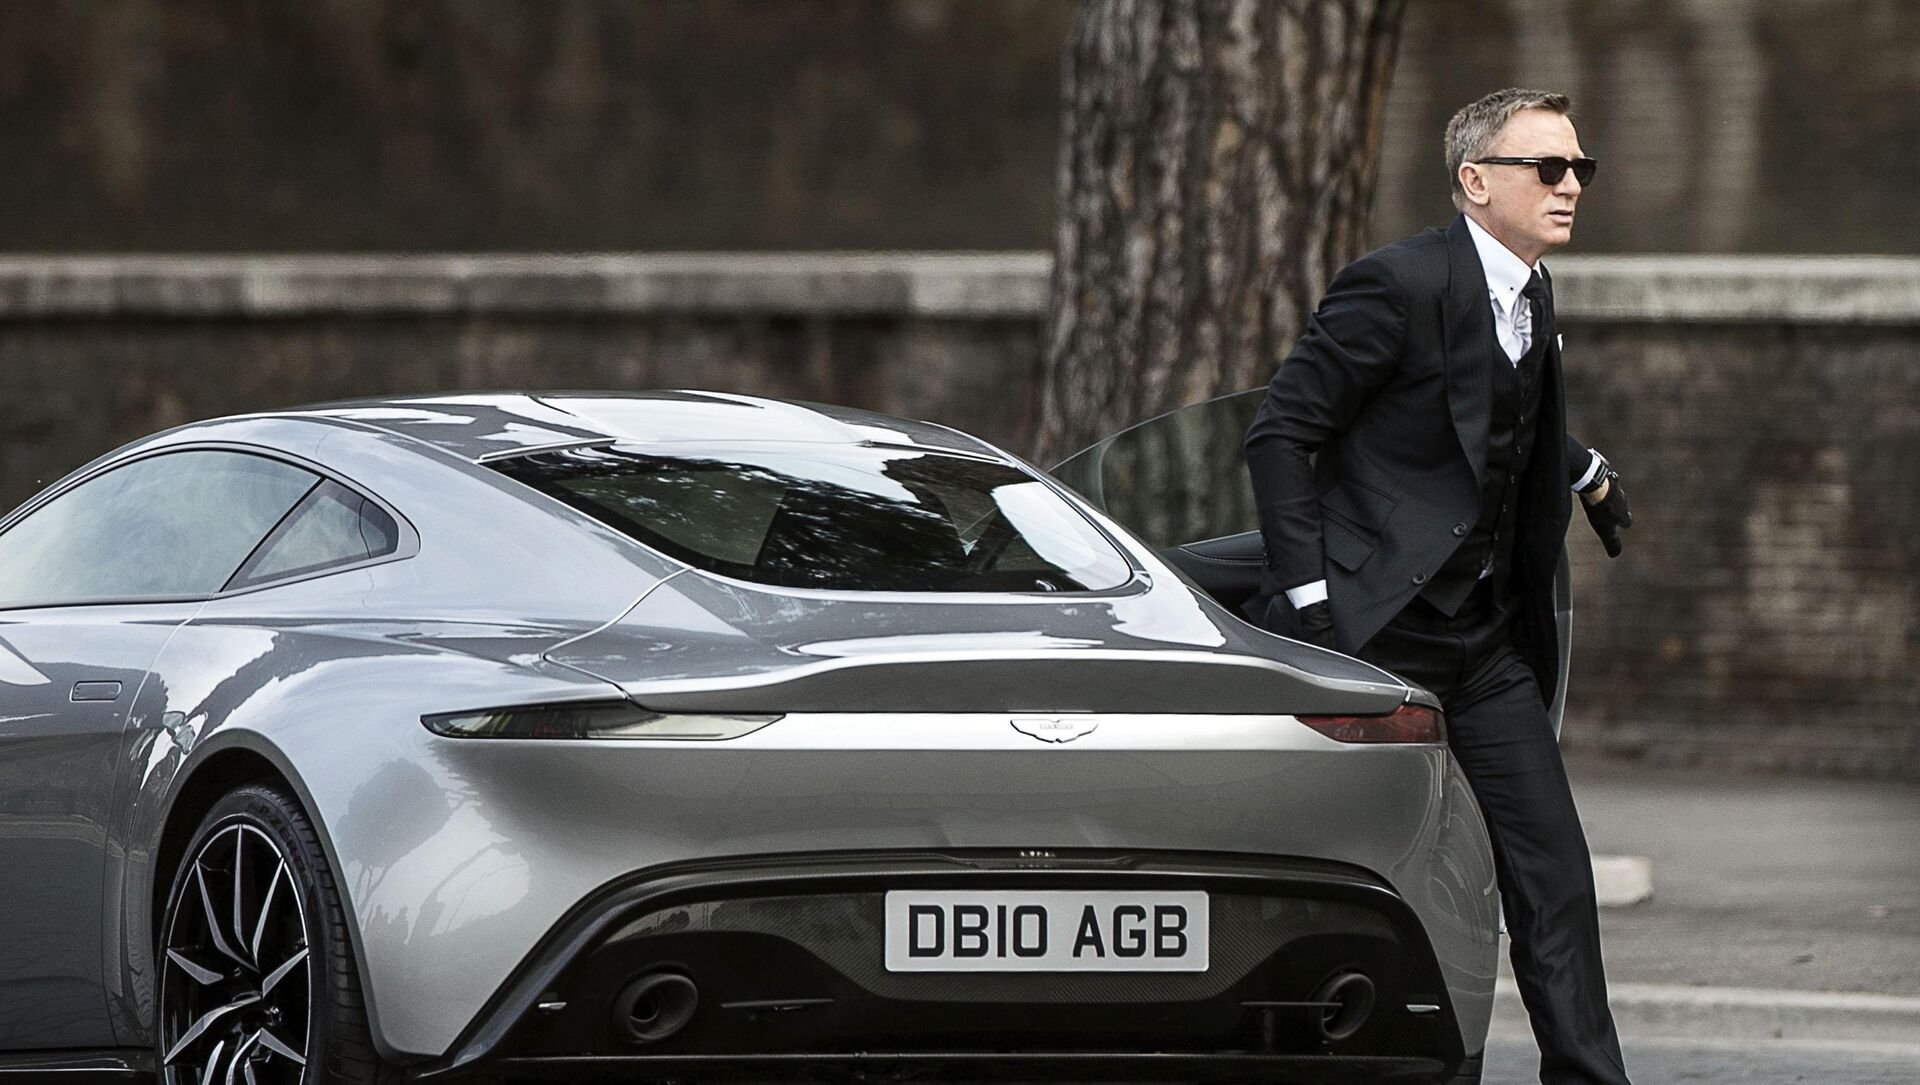 Daniel Craig, conocido por encarnar el personaje de James Bond - Sputnik Mundo, 1920, 27.09.2020